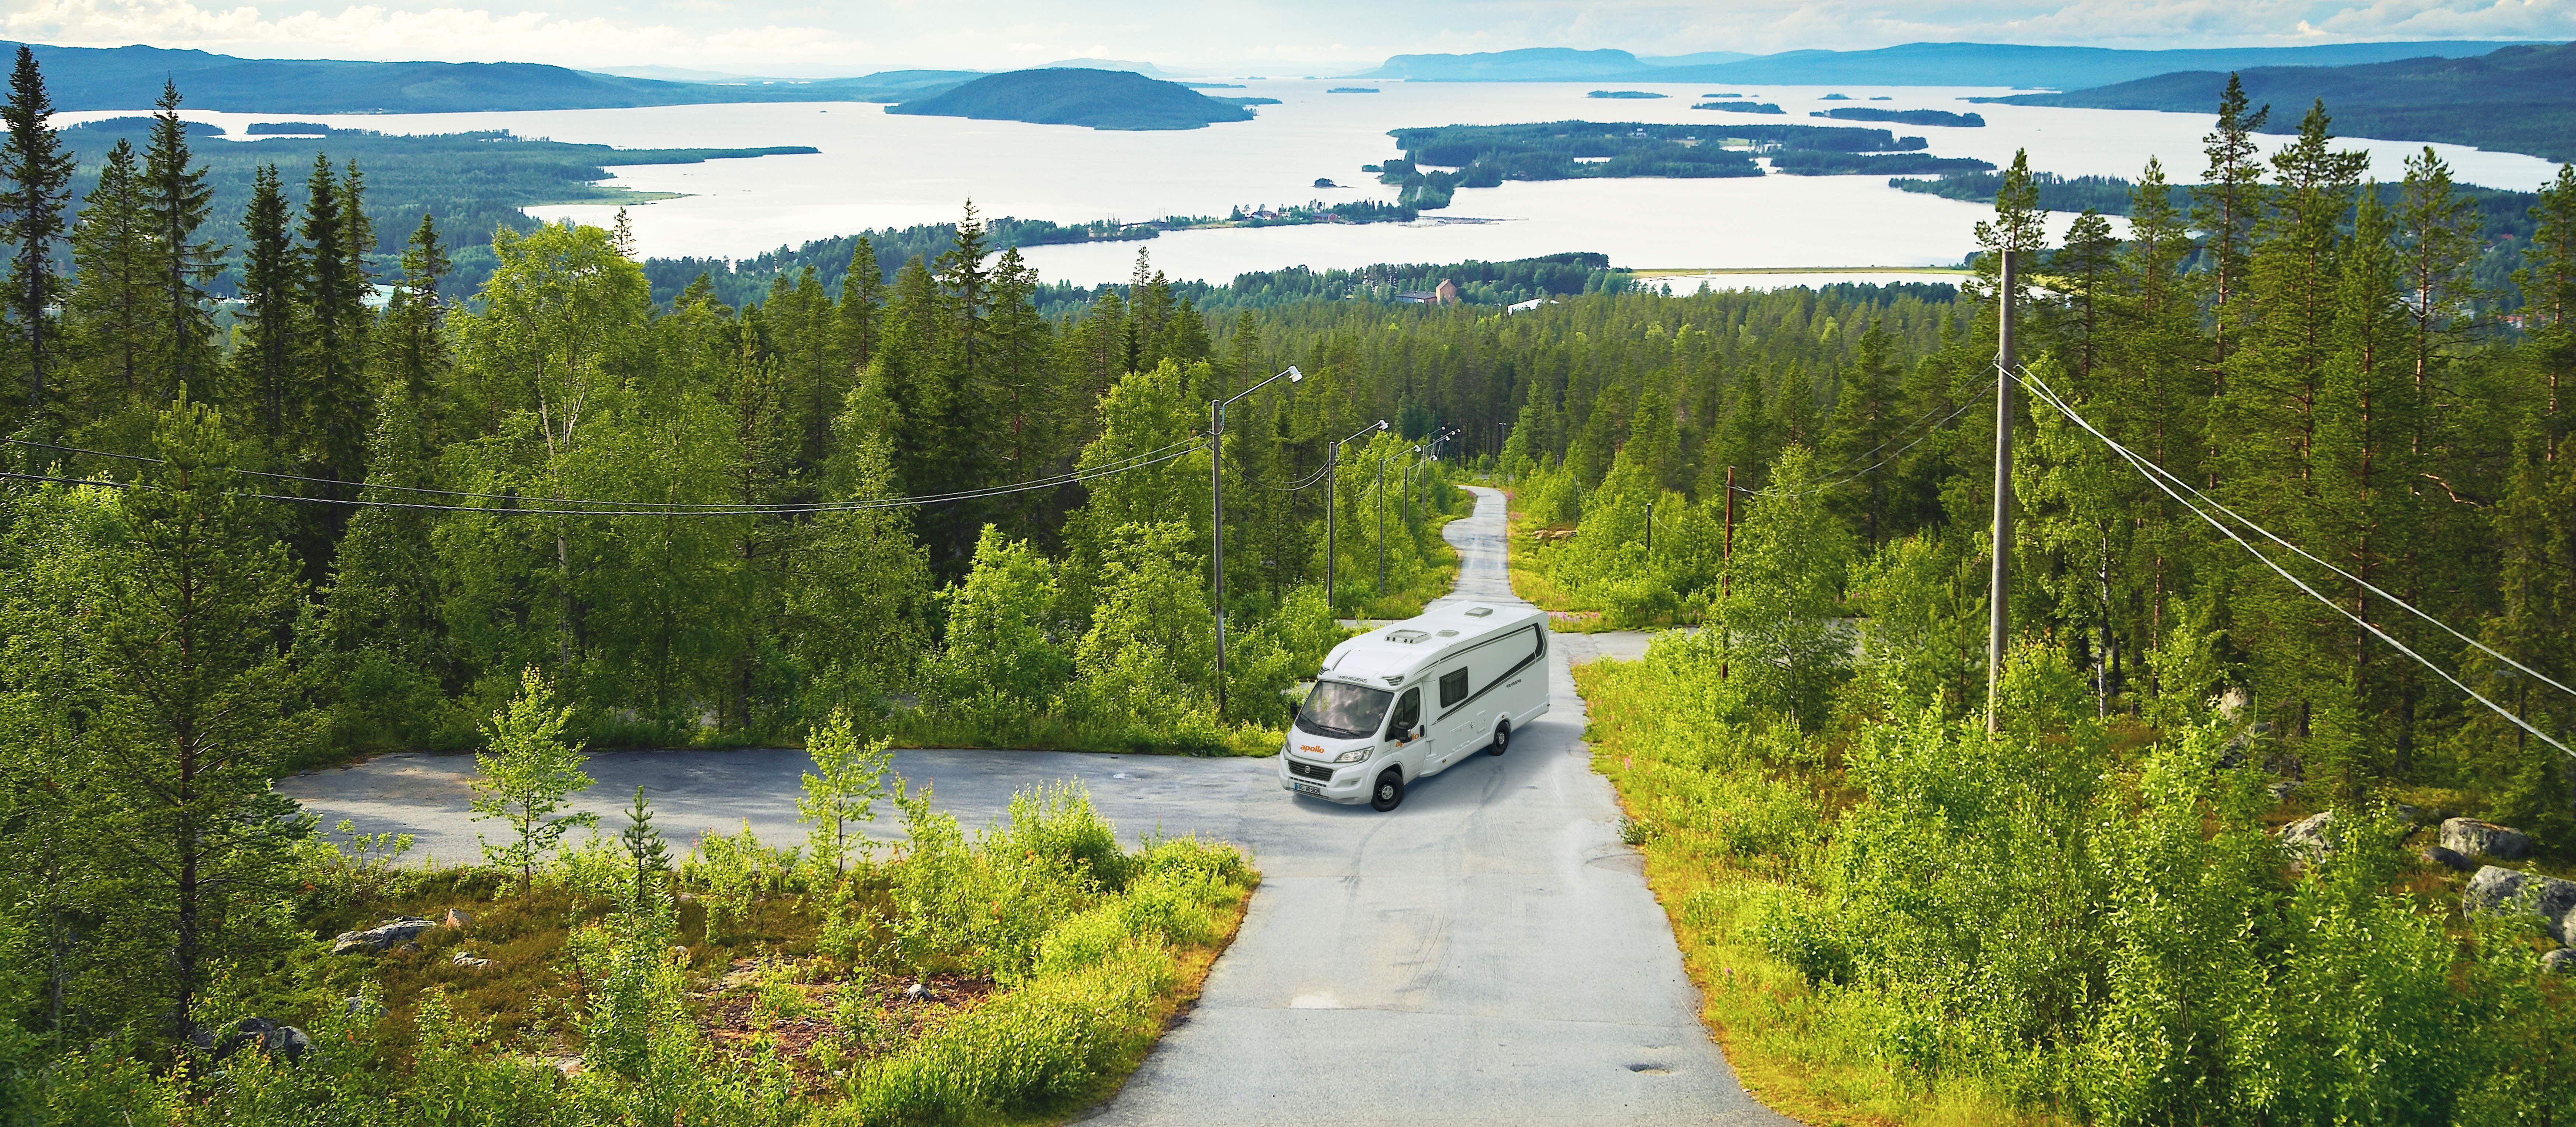 Campen in der Seenlandschaft mit dem Family Traveller Plus von Apollo